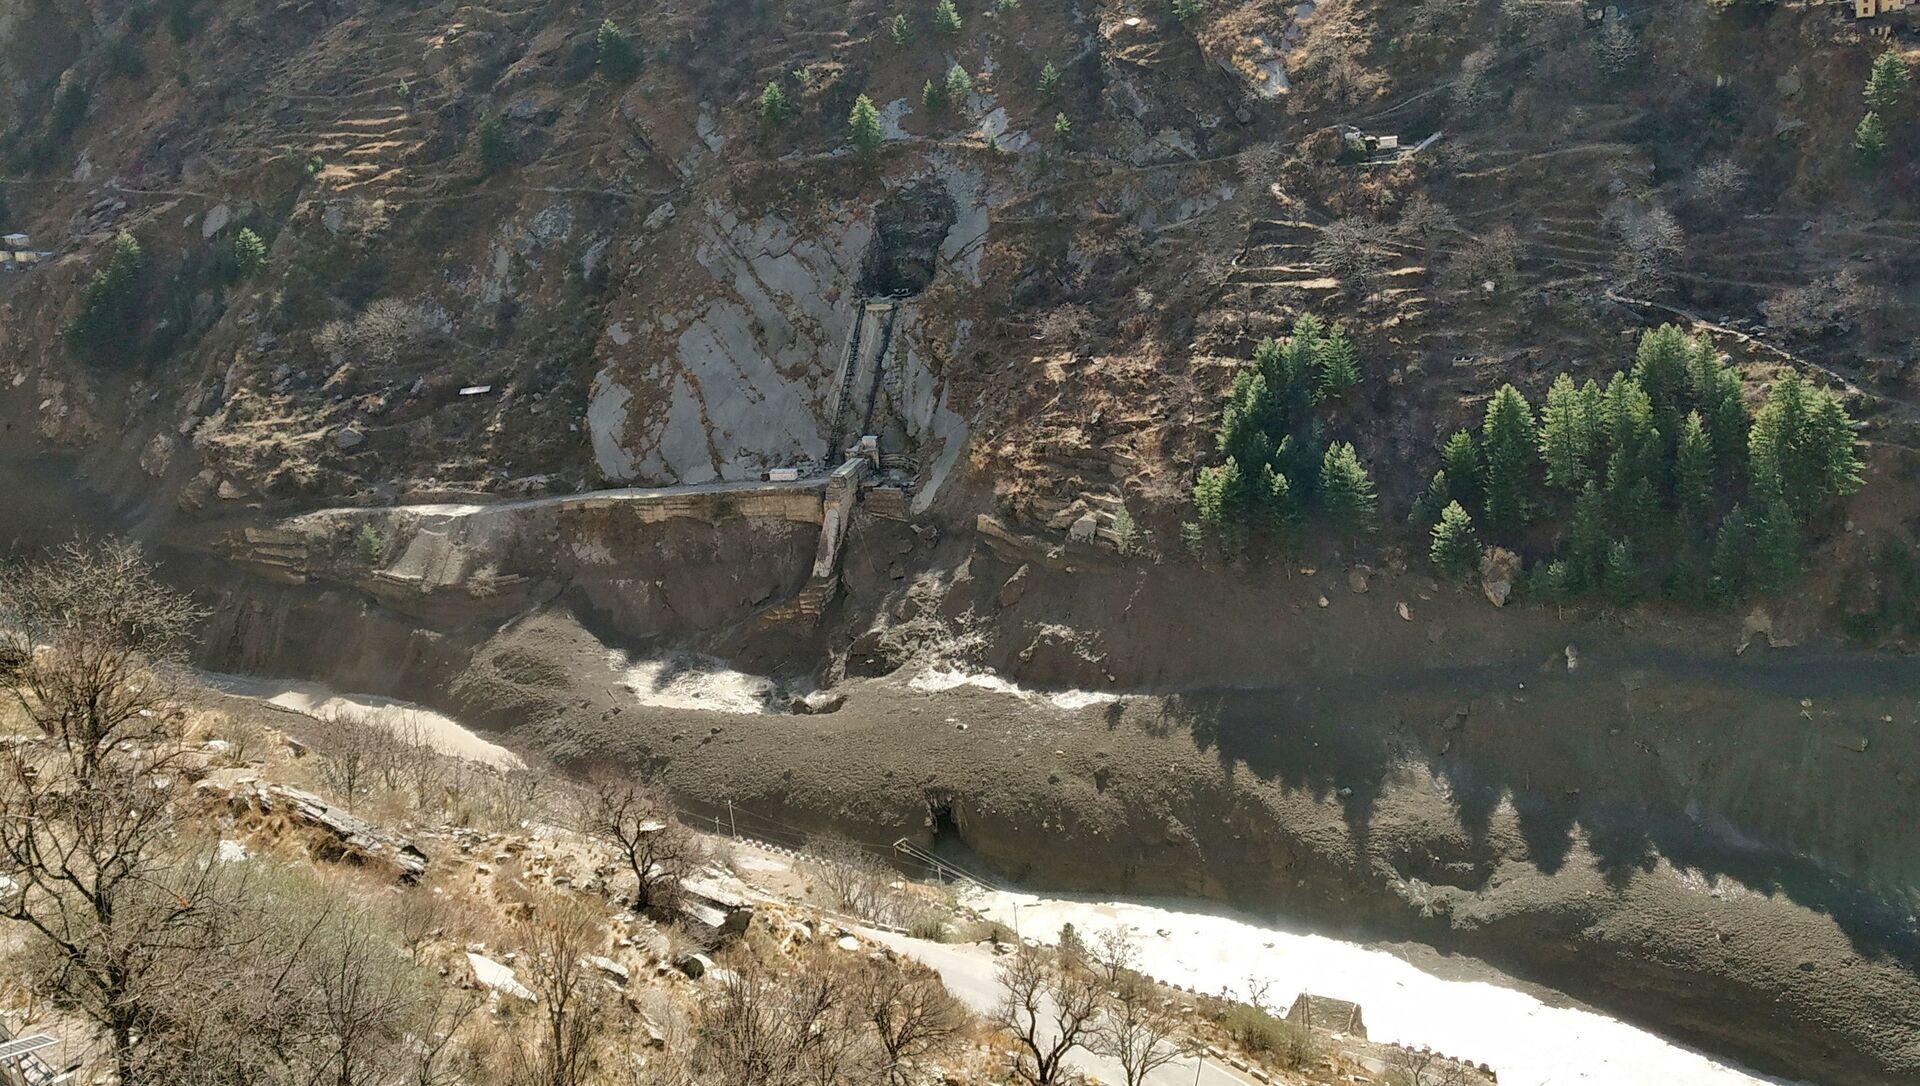 Uszkodzenie tamy po zejściu mas lodowych w indyjskim stanie Uttarakhand - Sputnik Polska, 1920, 07.02.2021